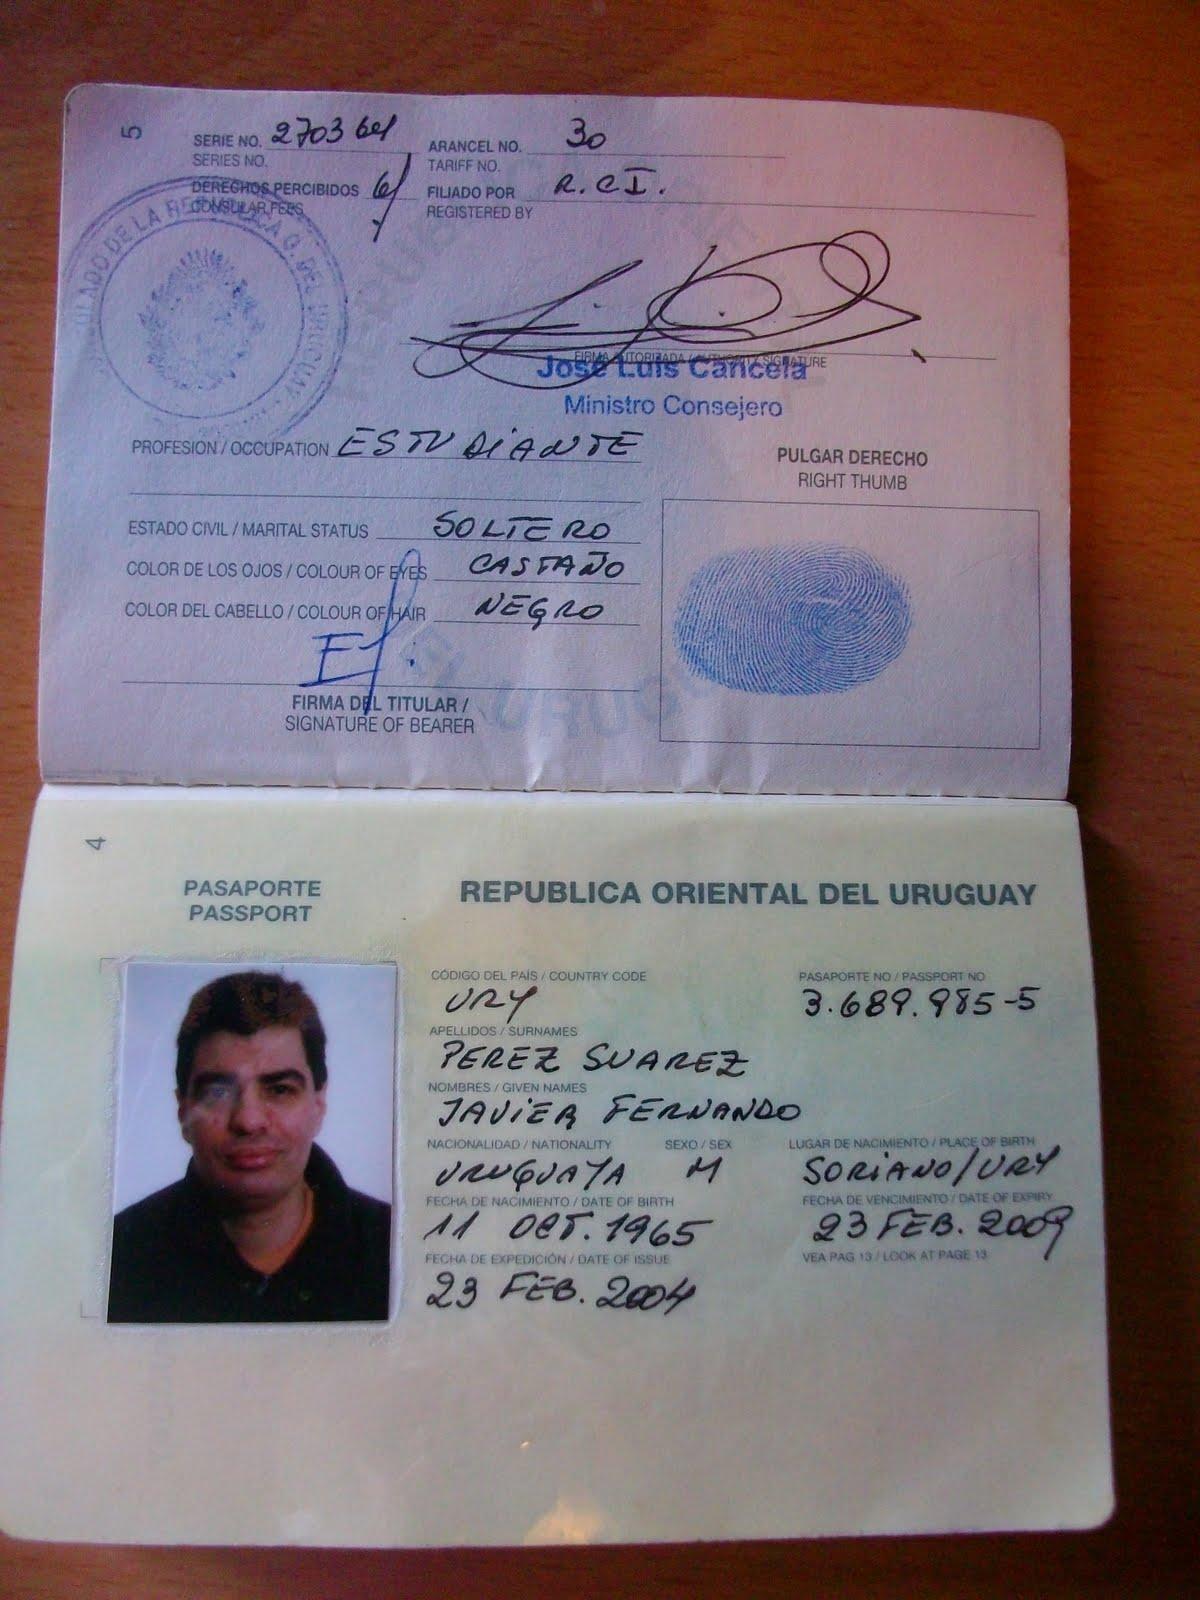 Habilitacion pasaporte cubano cubanos en miami for Pasaporte ministerio interior